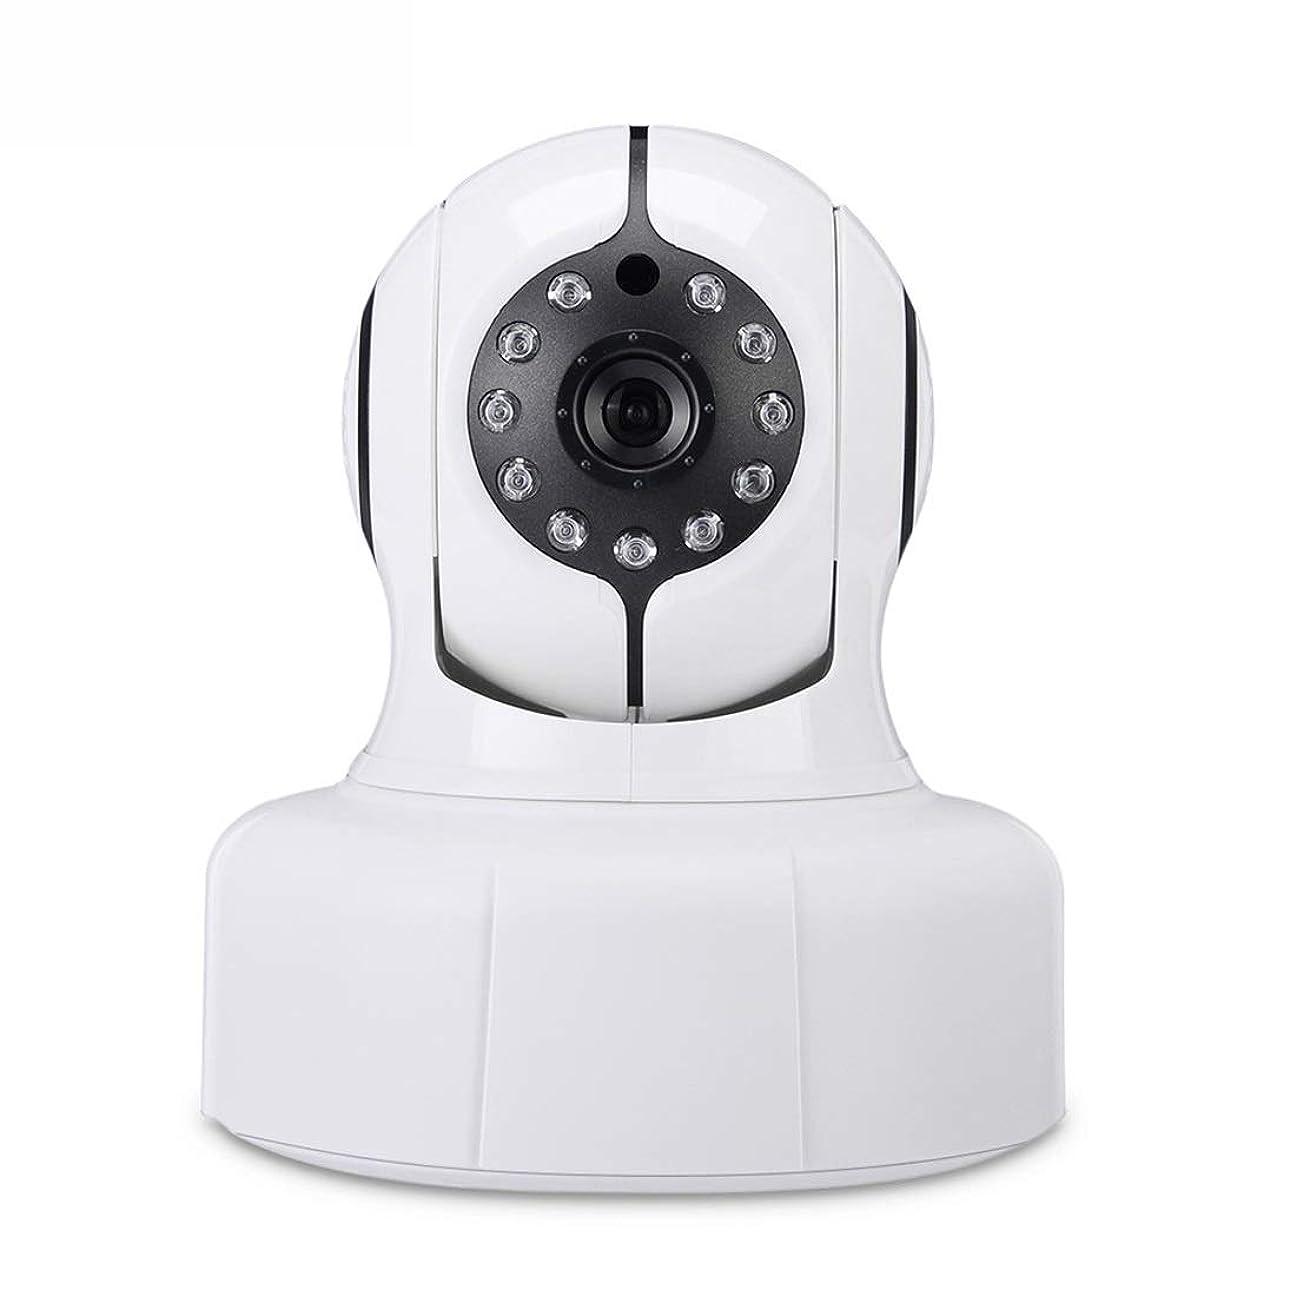 ダニ摂氏加入ノウ建材貿易 HDウェブカメラ赤外線暗視監視カメラ720Pwifiモニター